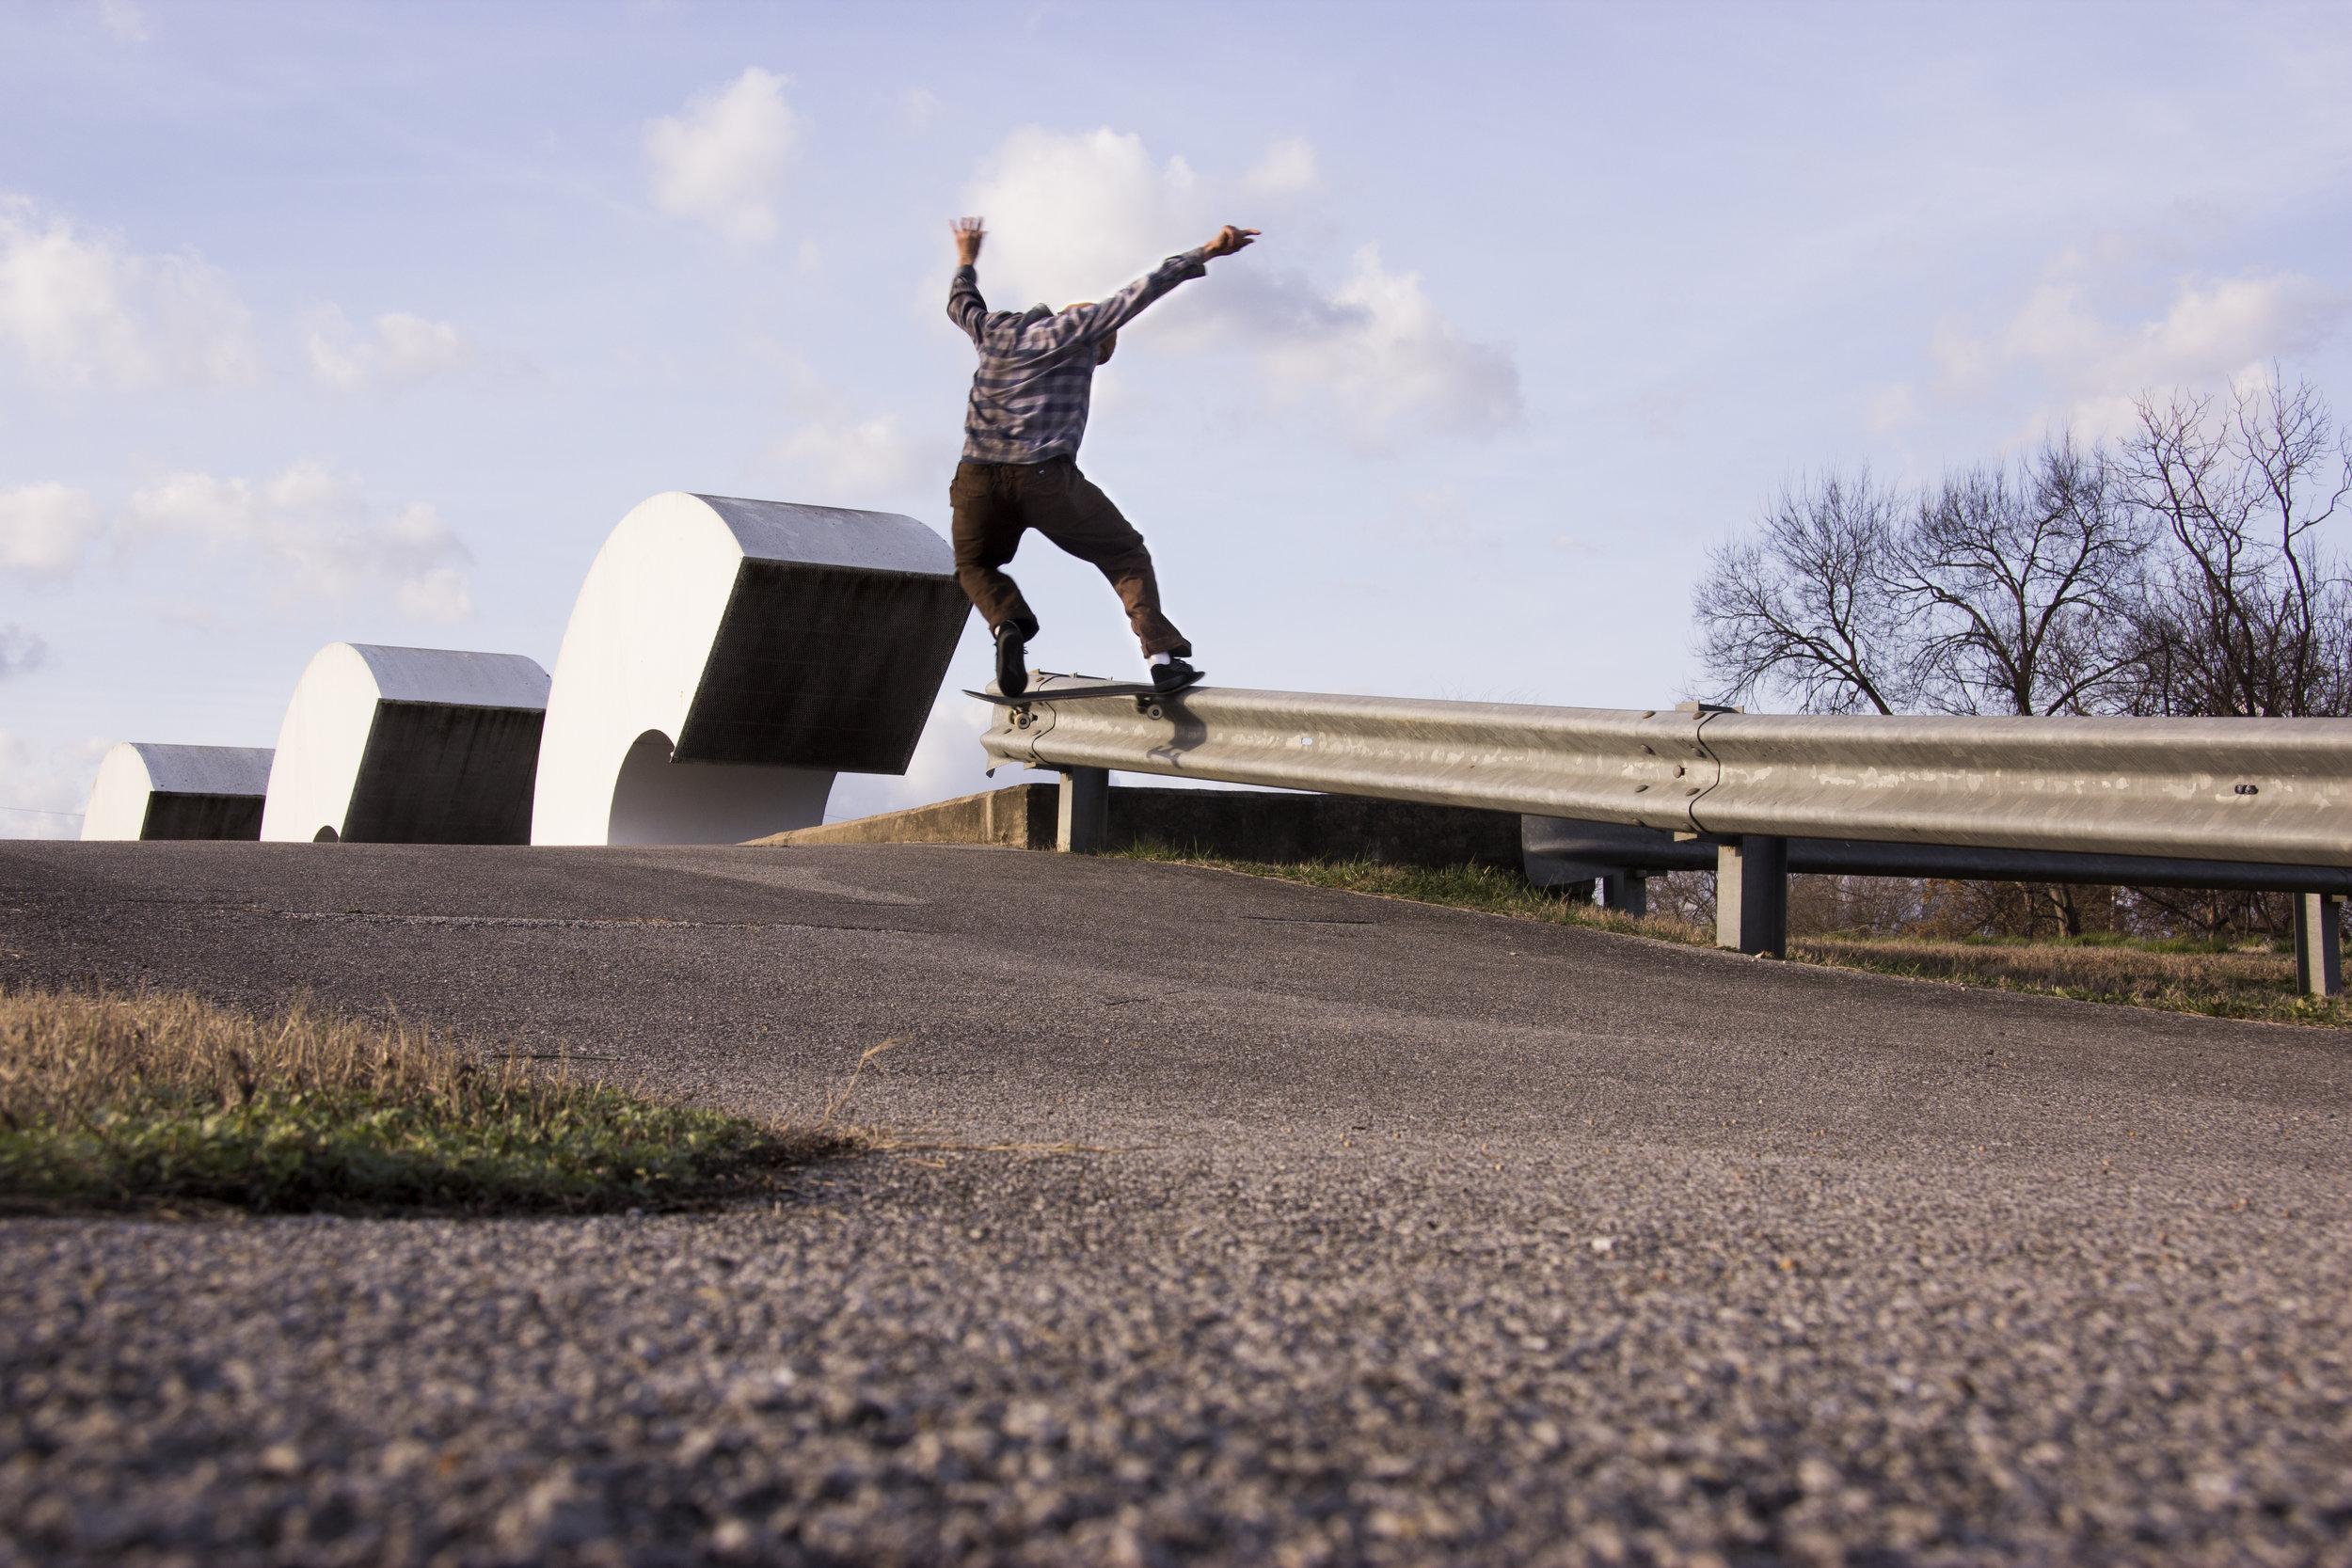 Matt Boeltel, frontside noseslide. Chattanooga, TN.